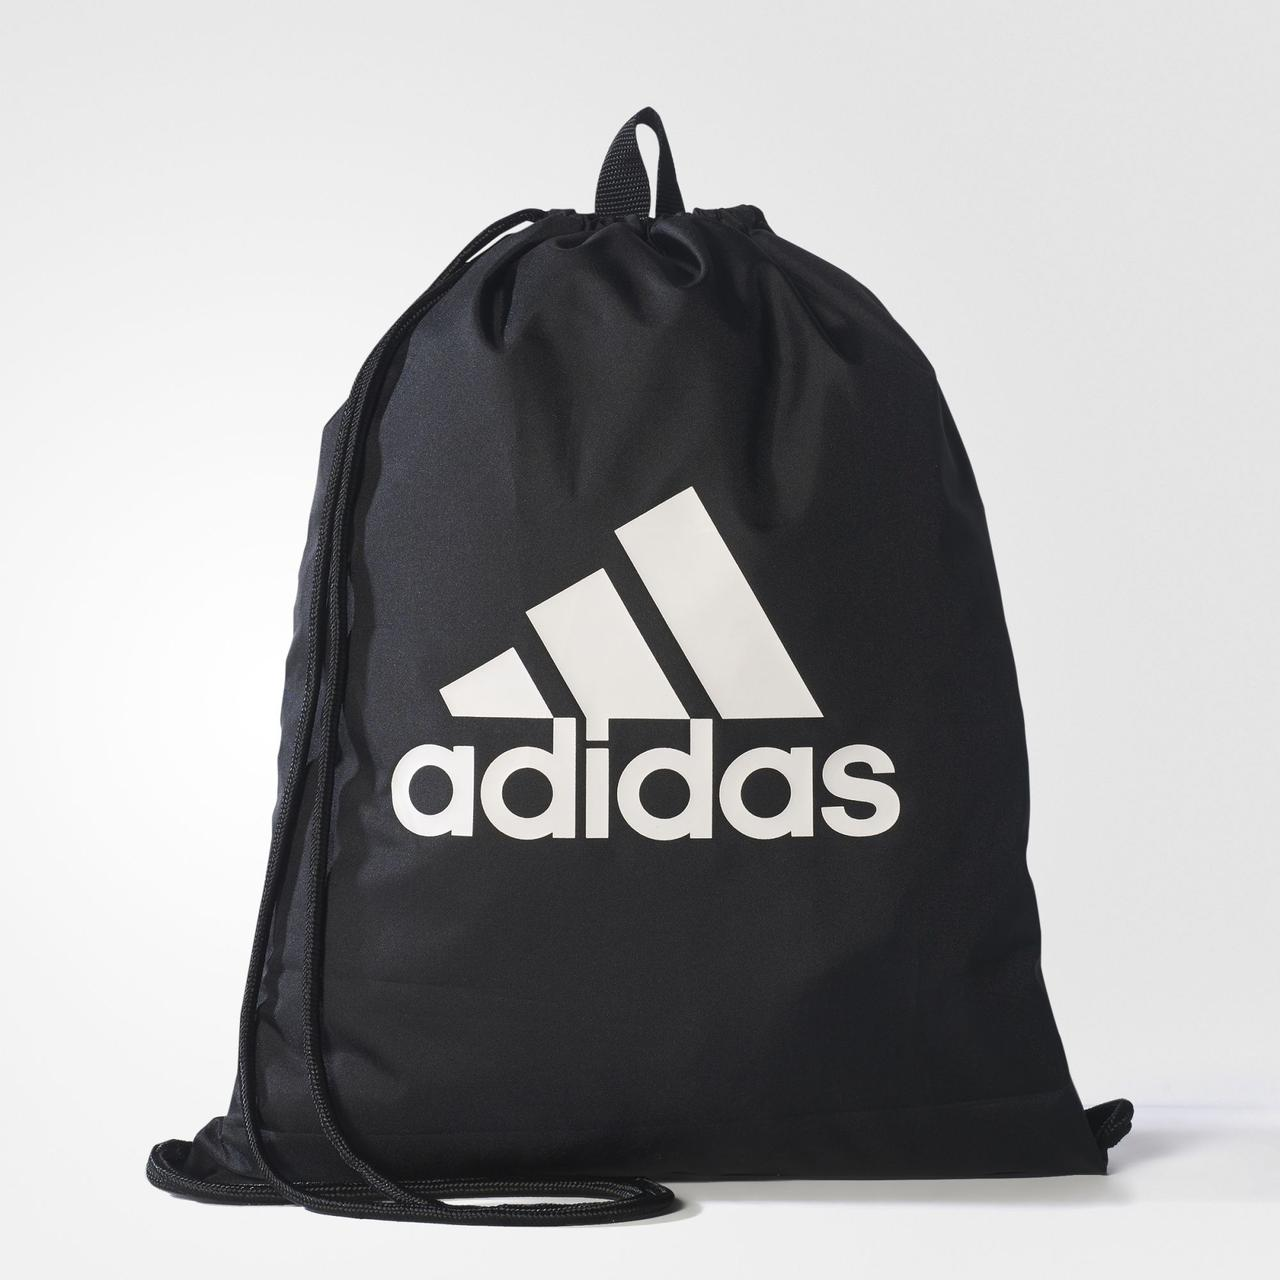 3352db1a18ec Сумка Adidas Performance Logo (Артикул: BR5051) - Адидас официальный  интернет - магазин в